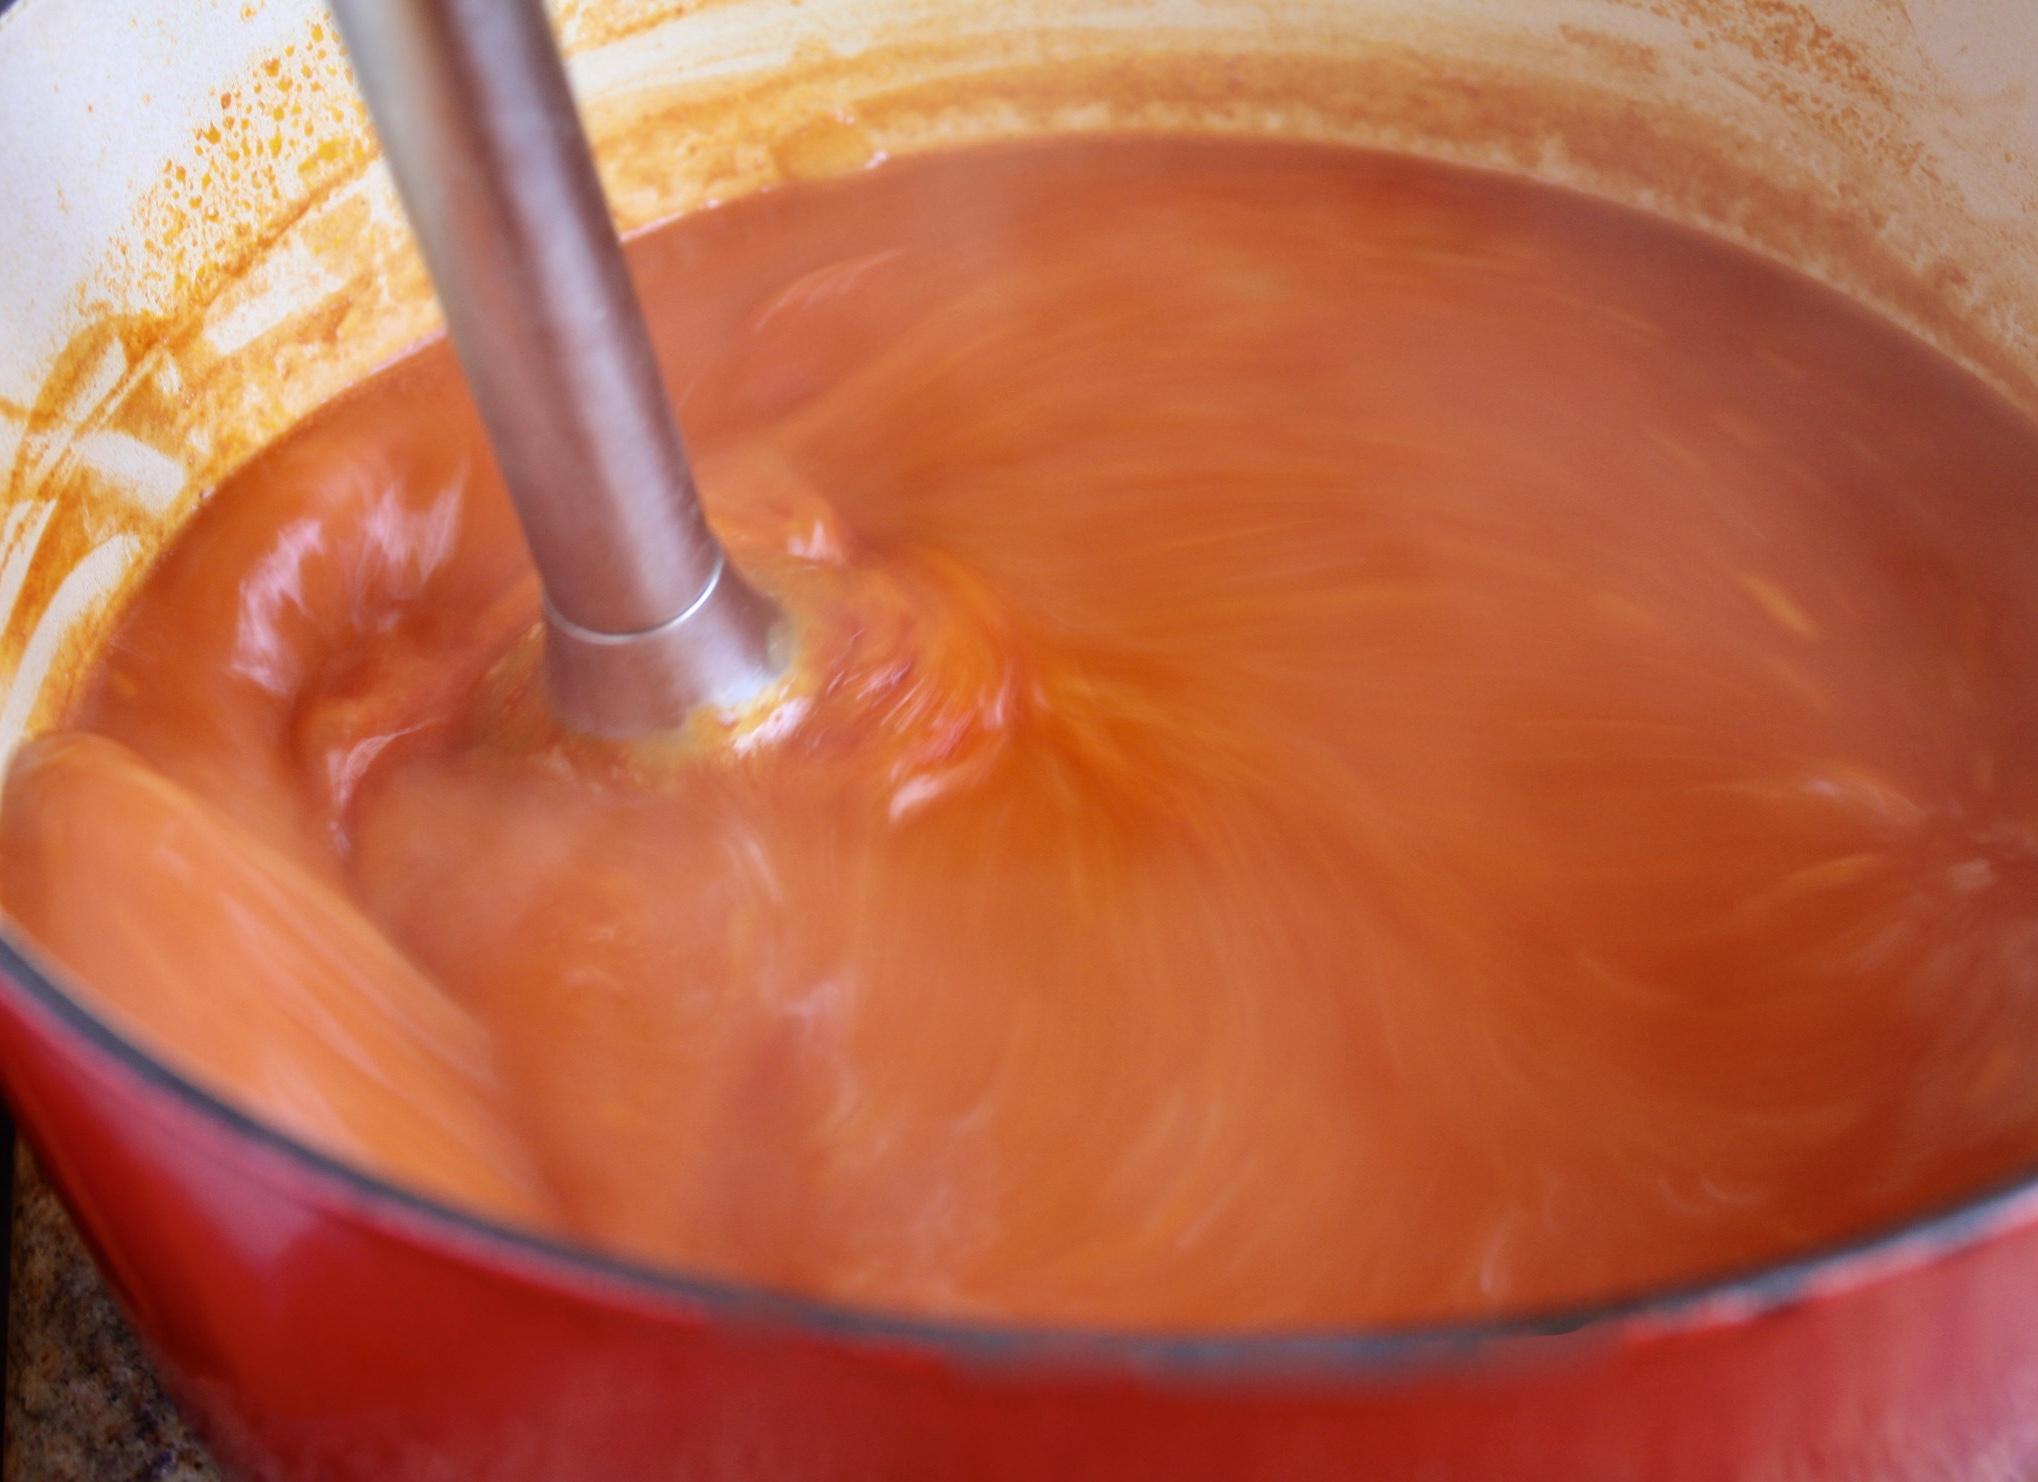 blending soup in a pot